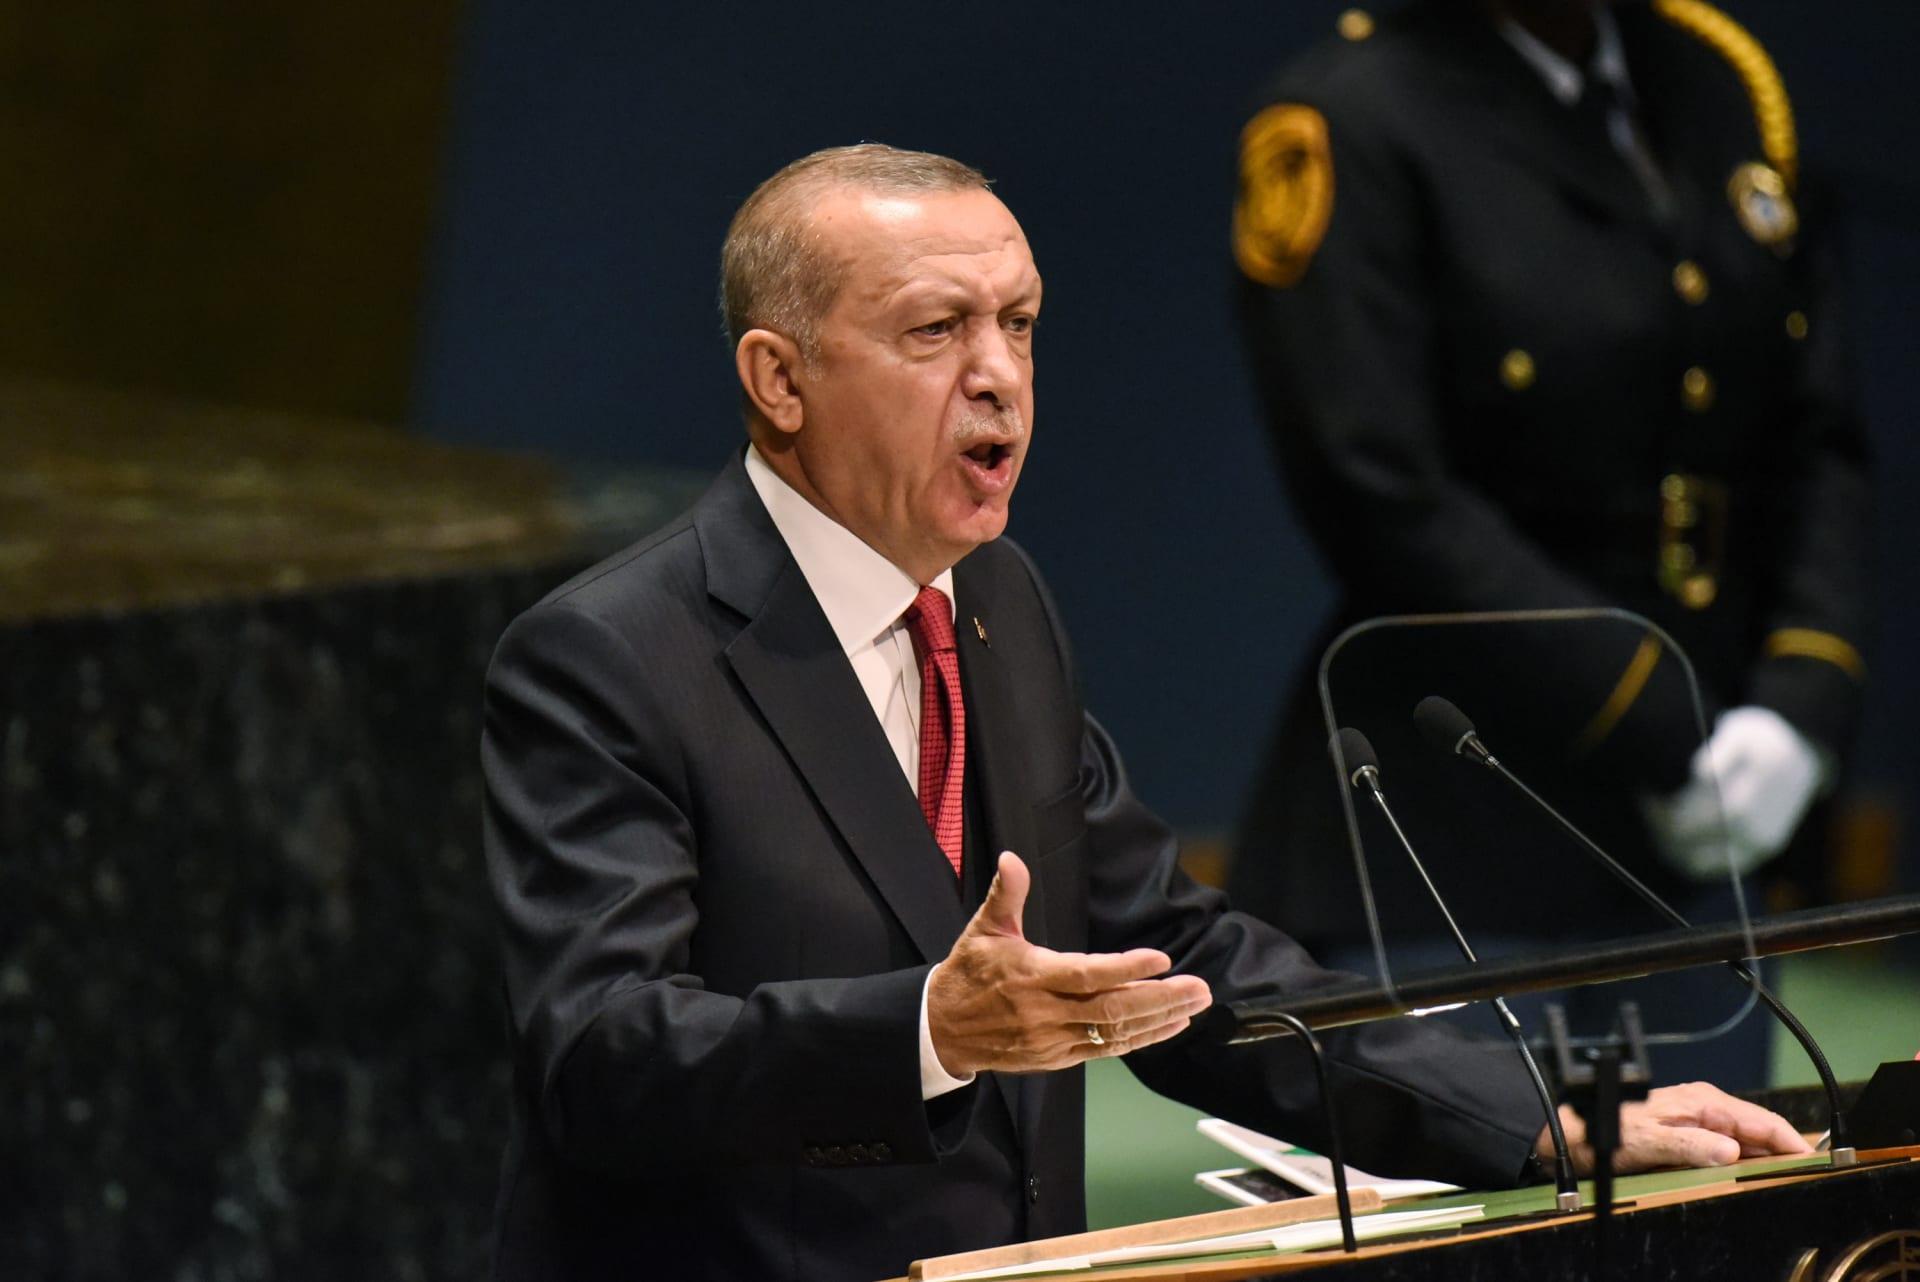 أردوغان بعد إيقاف صفقة F 35: أيقظوا المارد فليتحملوا العواقب